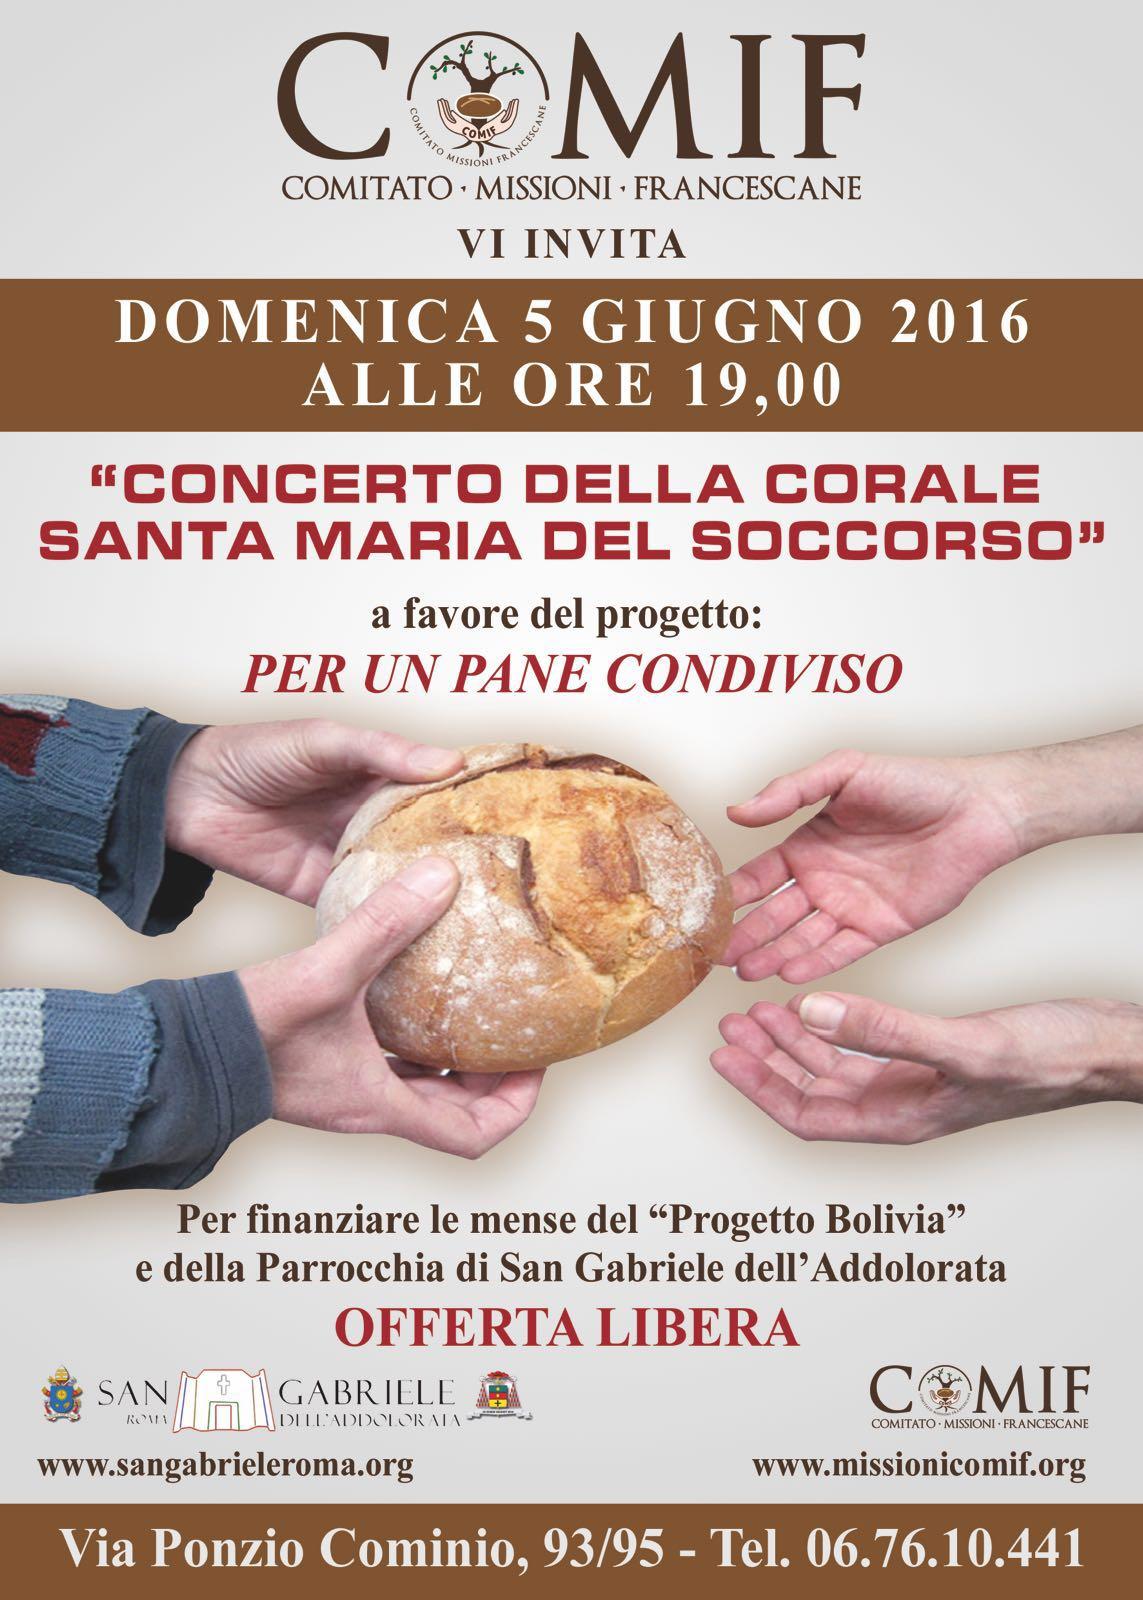 COMIF-Concerto